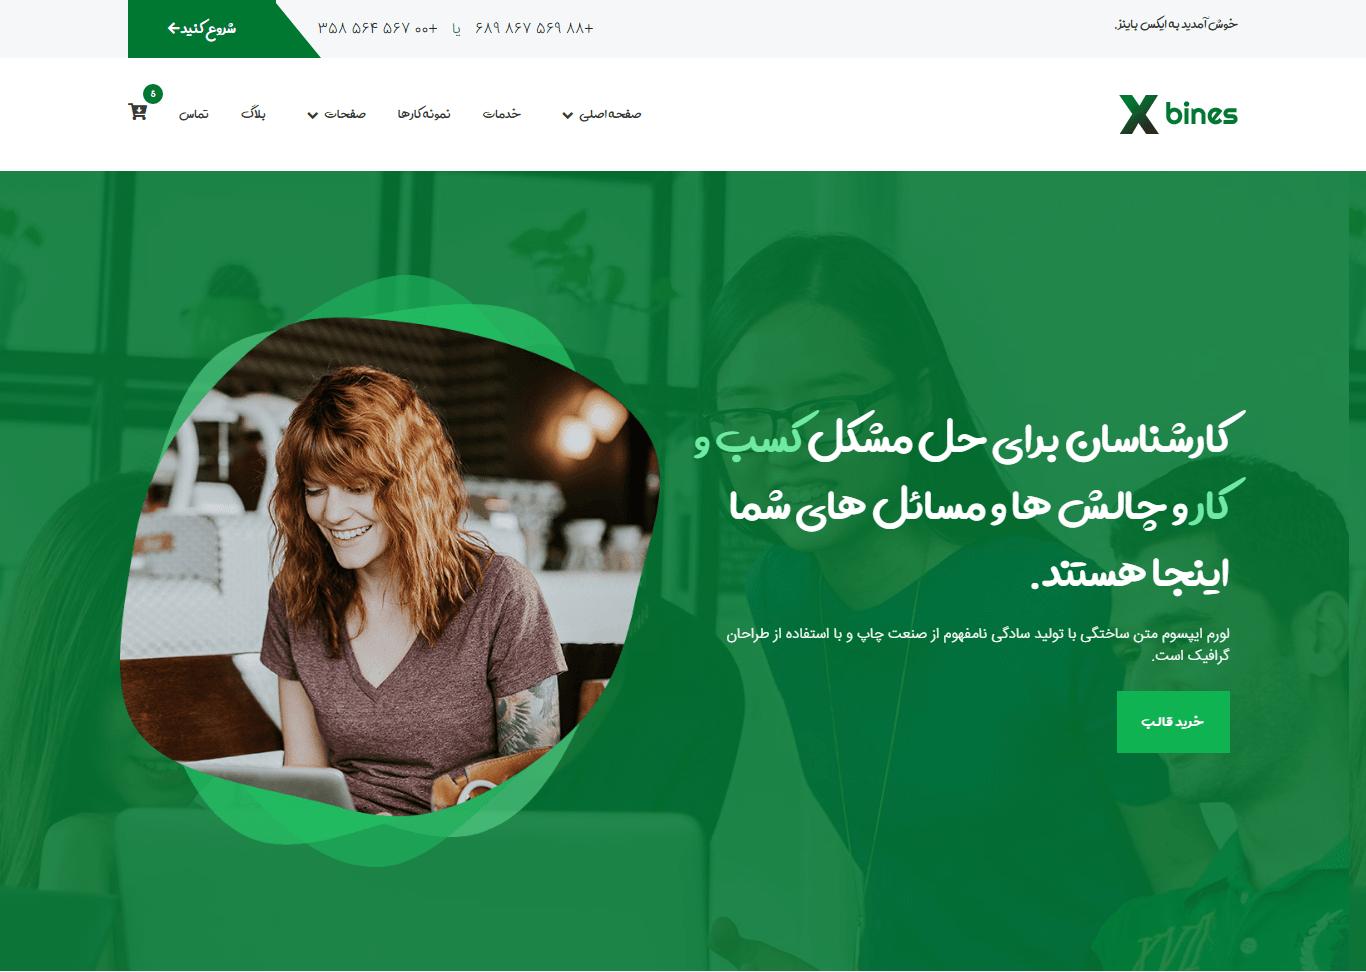 قالب شرکتی Xbines